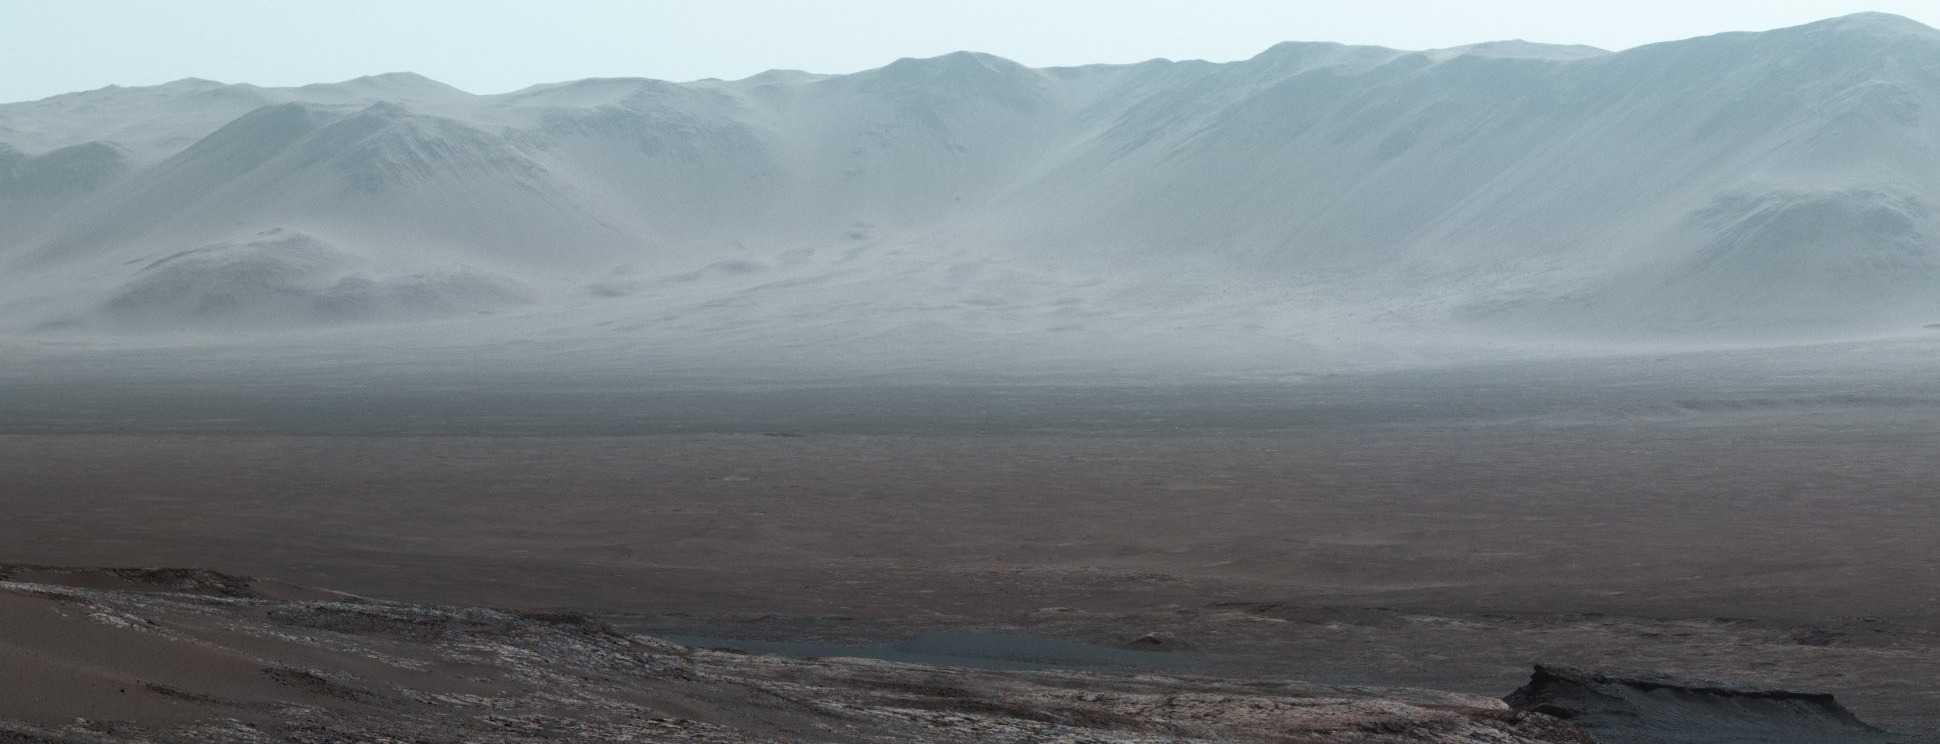 Perseverance подтвердил существование древнего озера на месте марсианского кратера